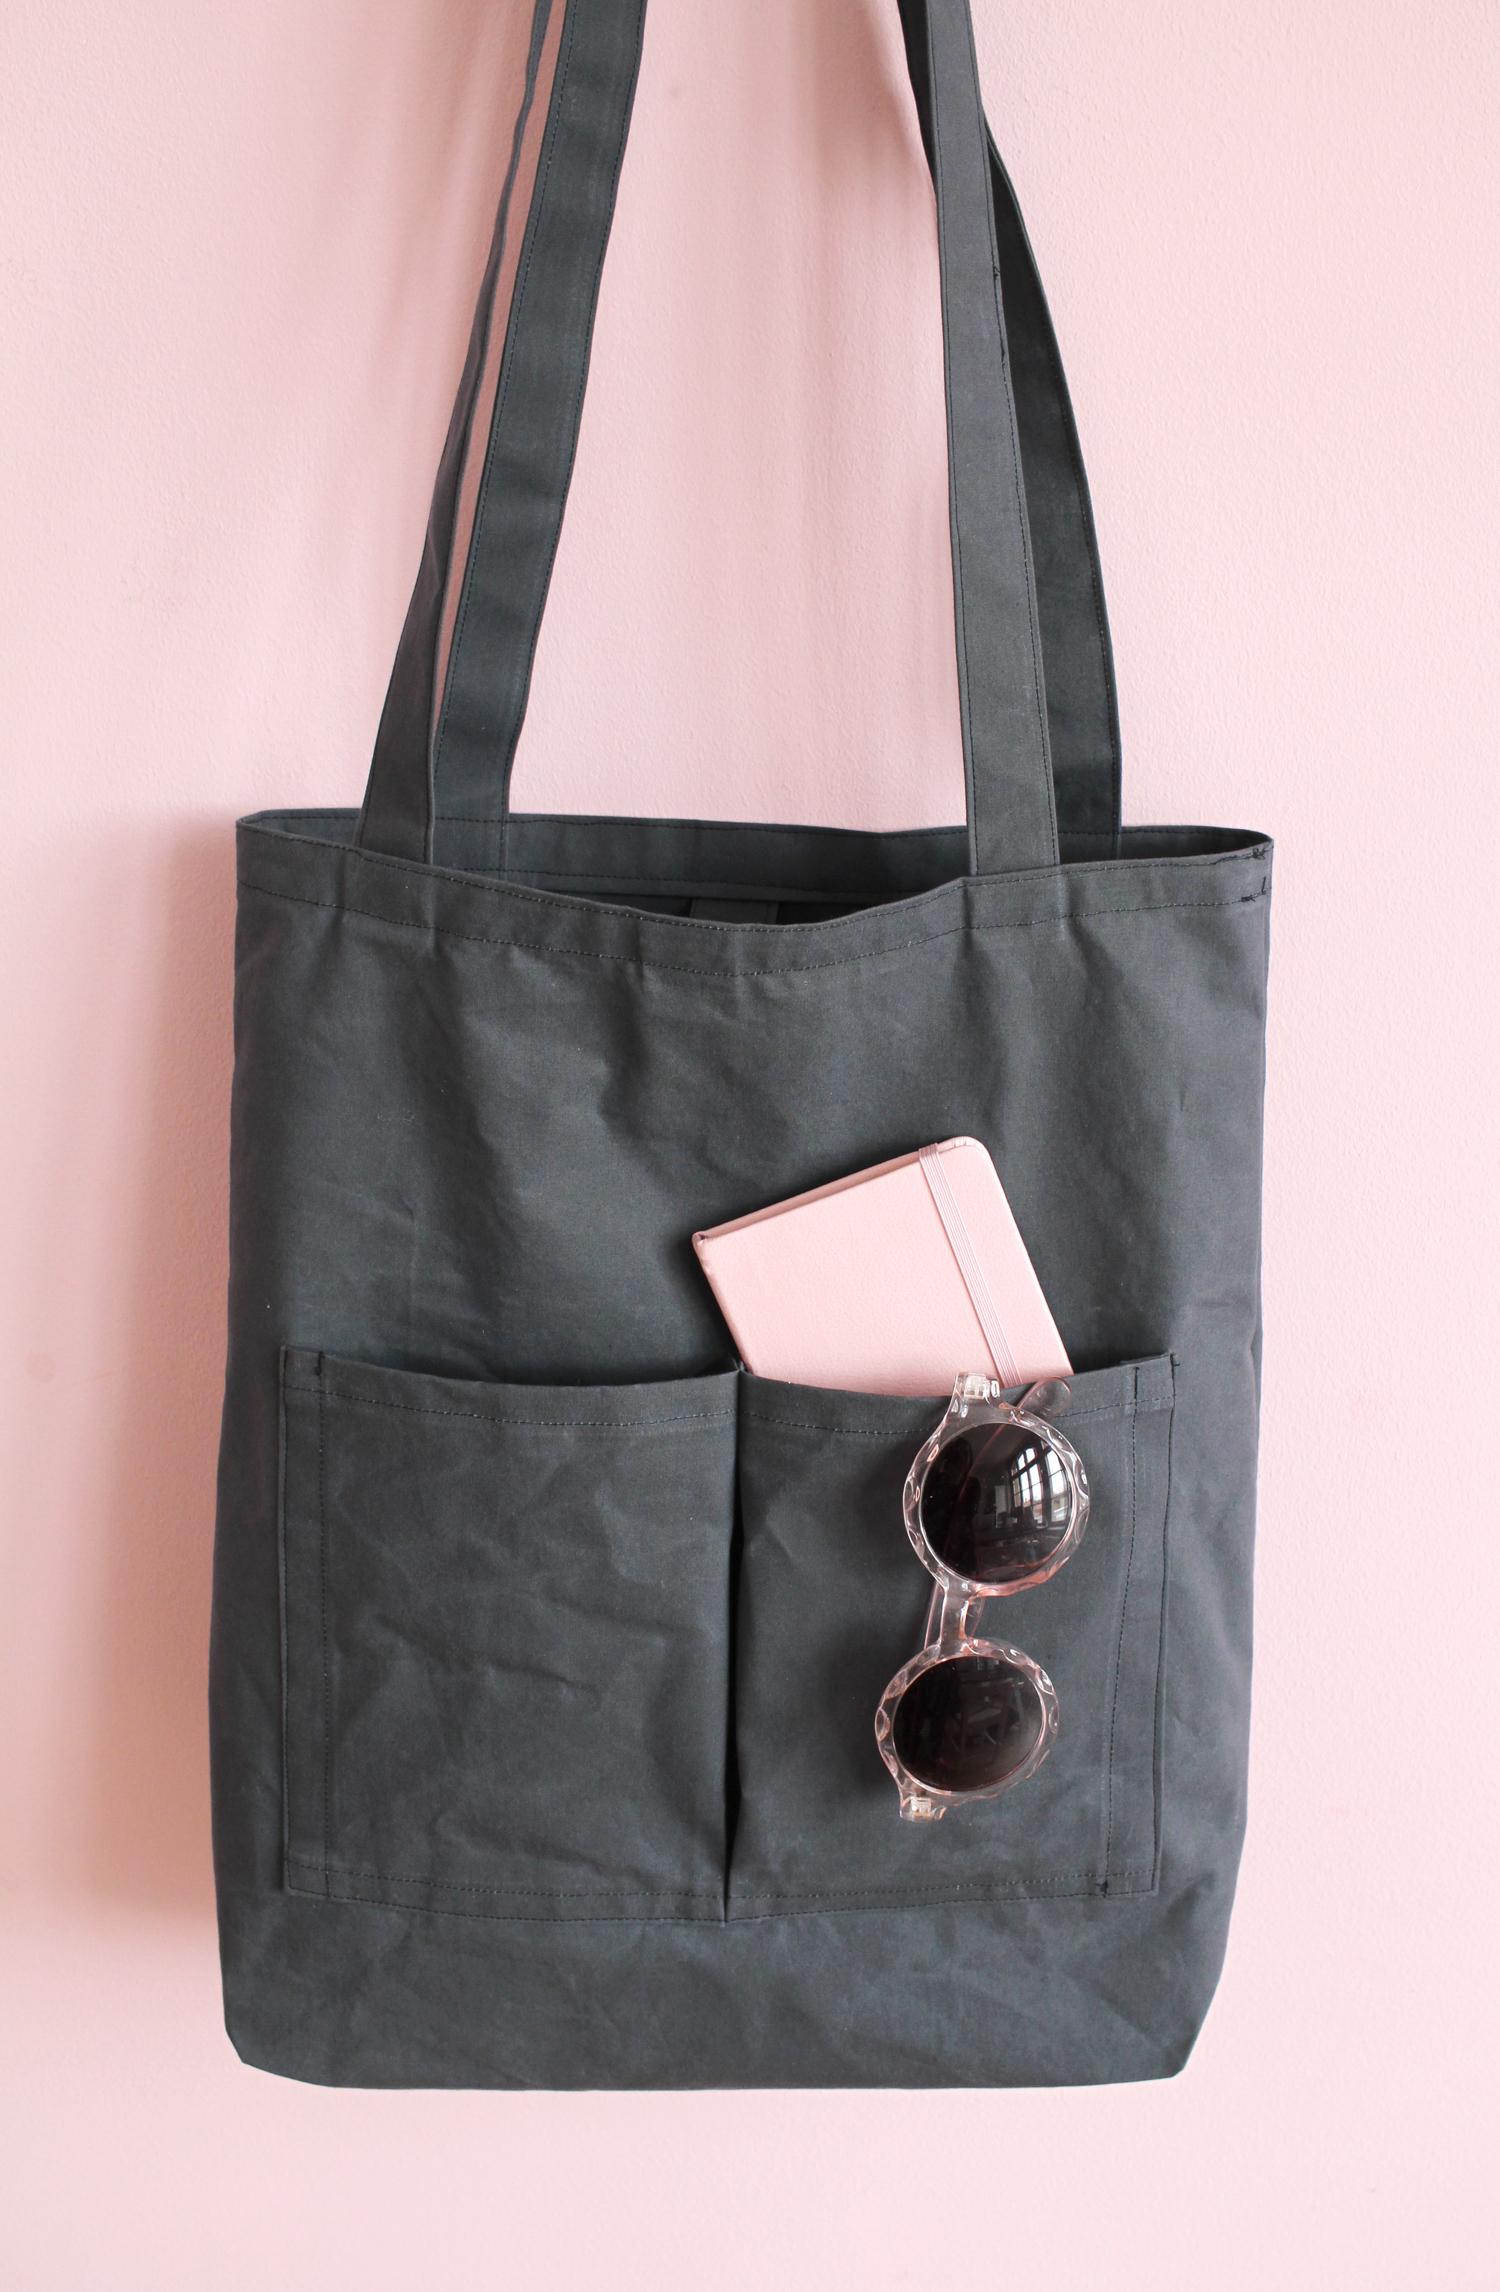 Makerist-Tasche-selber-nähen-Shopper-Bag-mit-Außenfächern-45